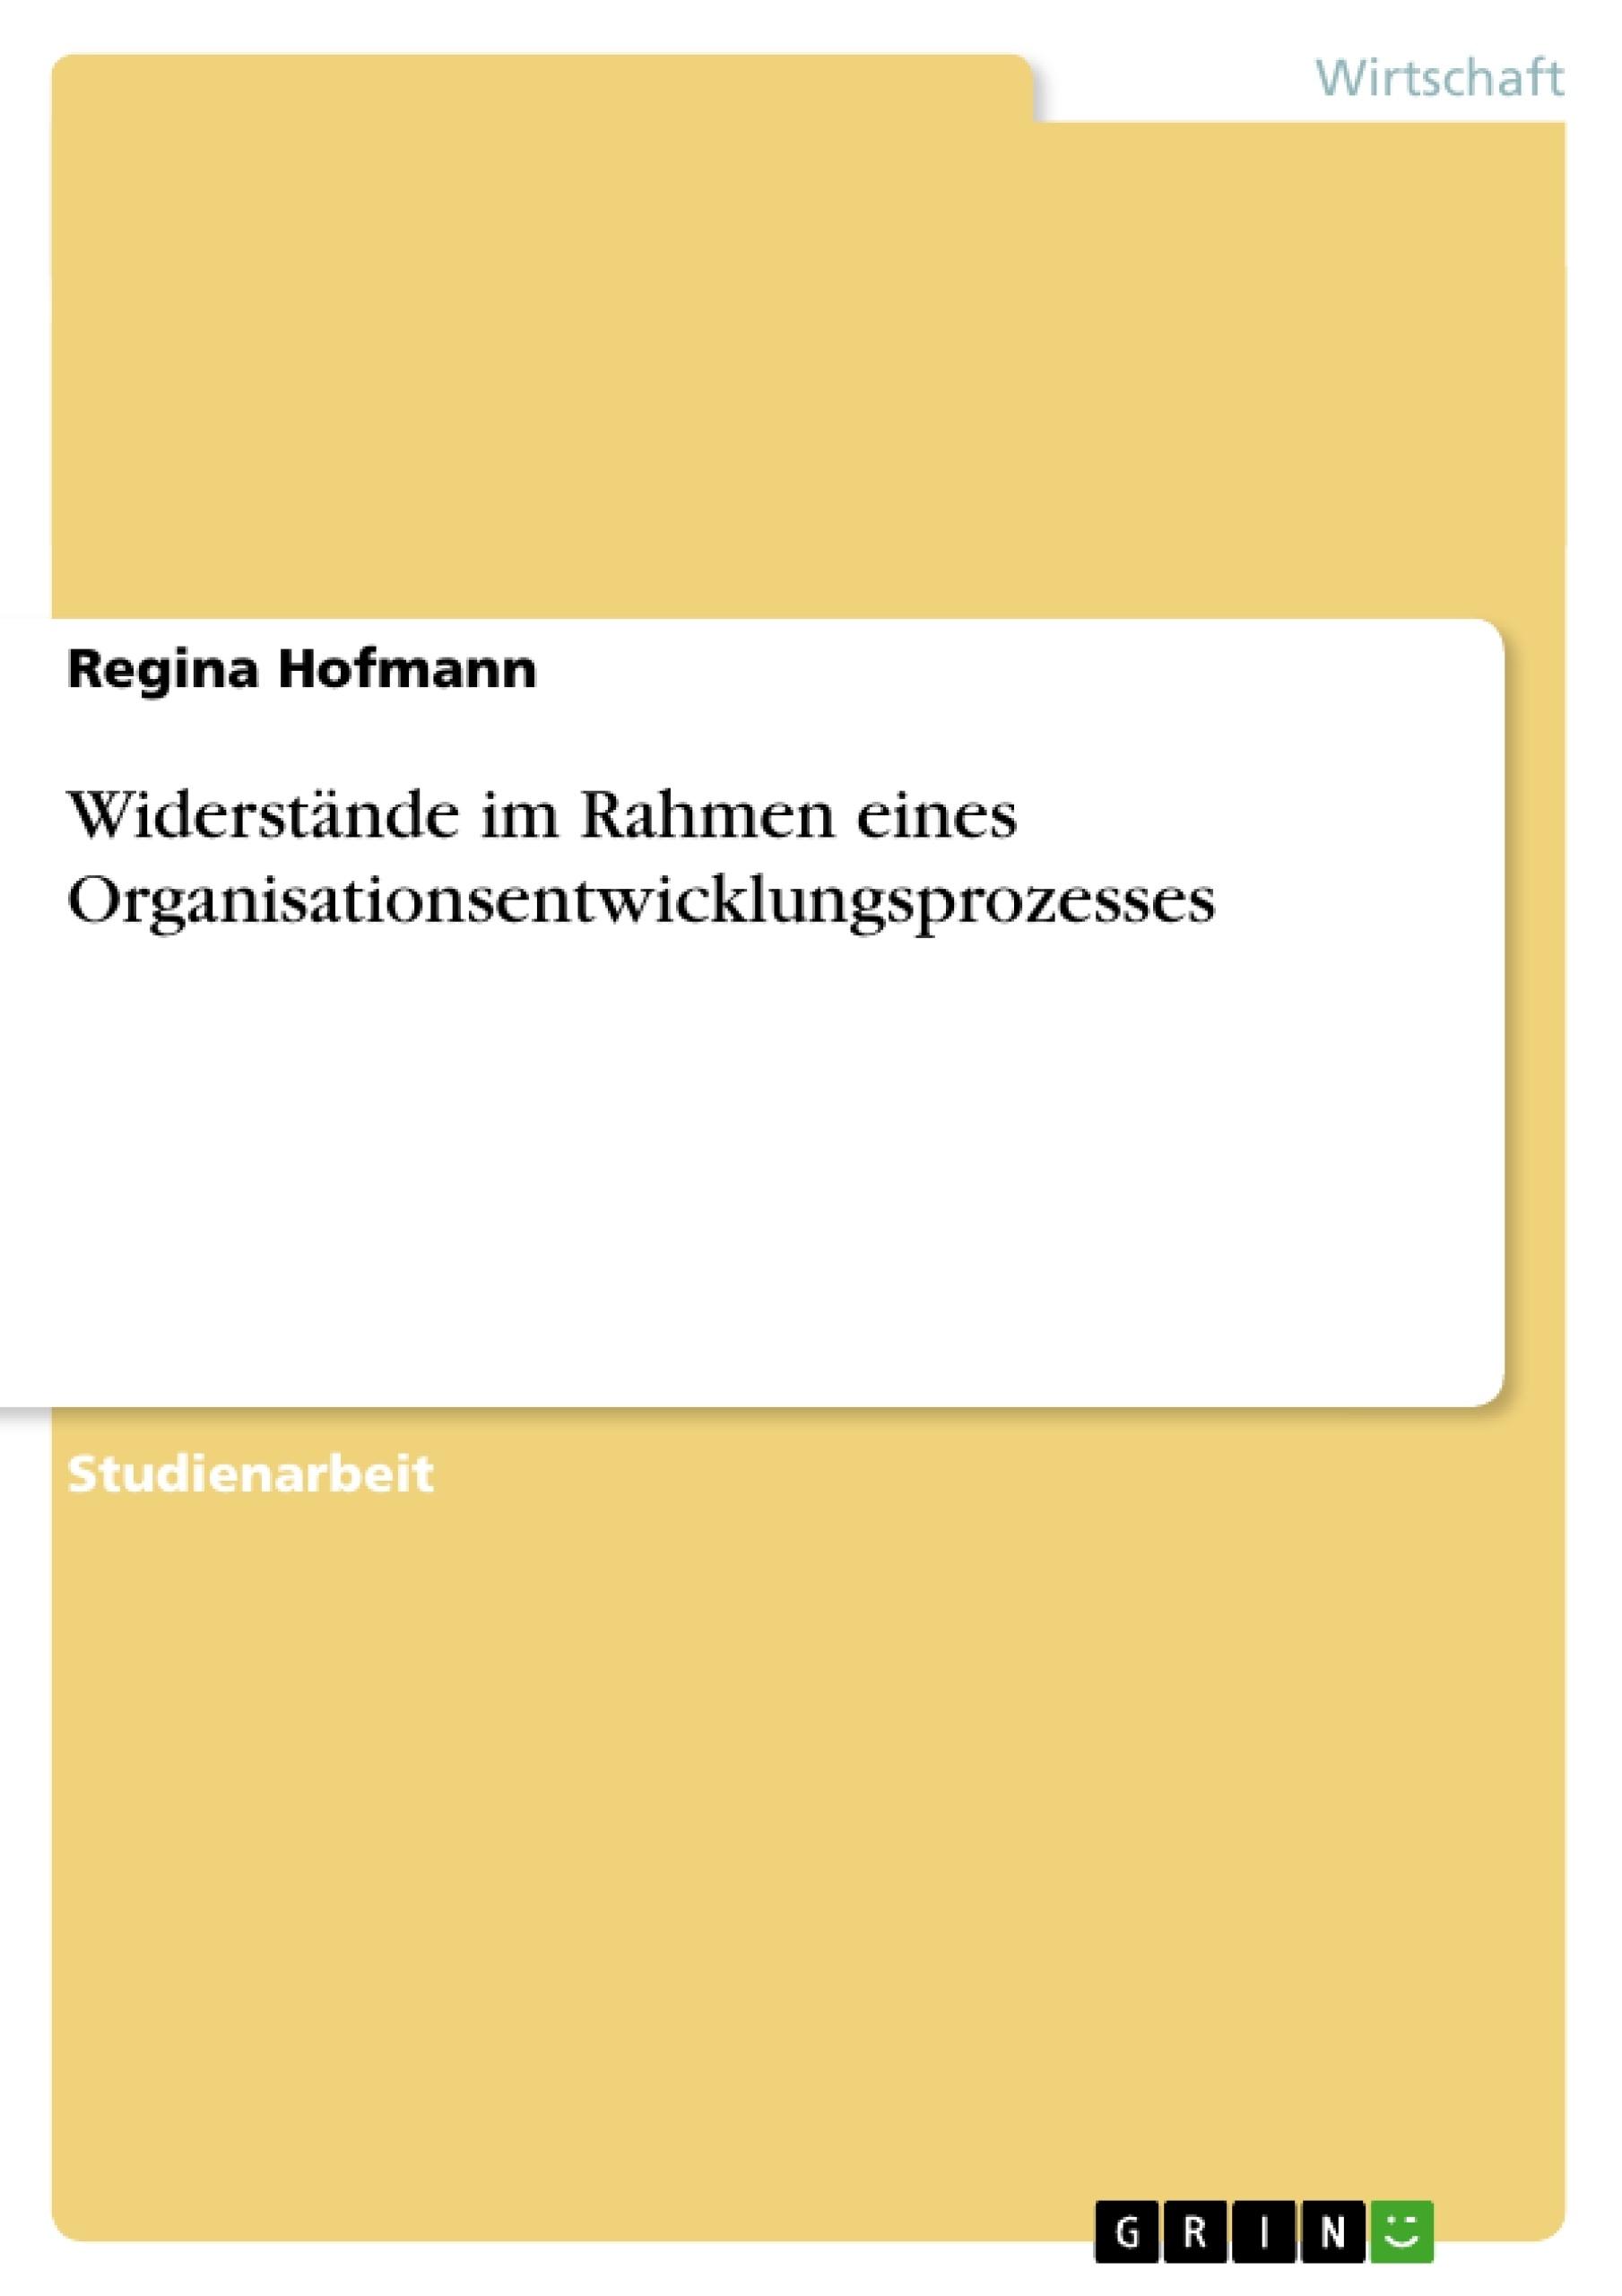 Titel: Widerstände im Rahmen eines Organisationsentwicklungsprozesses